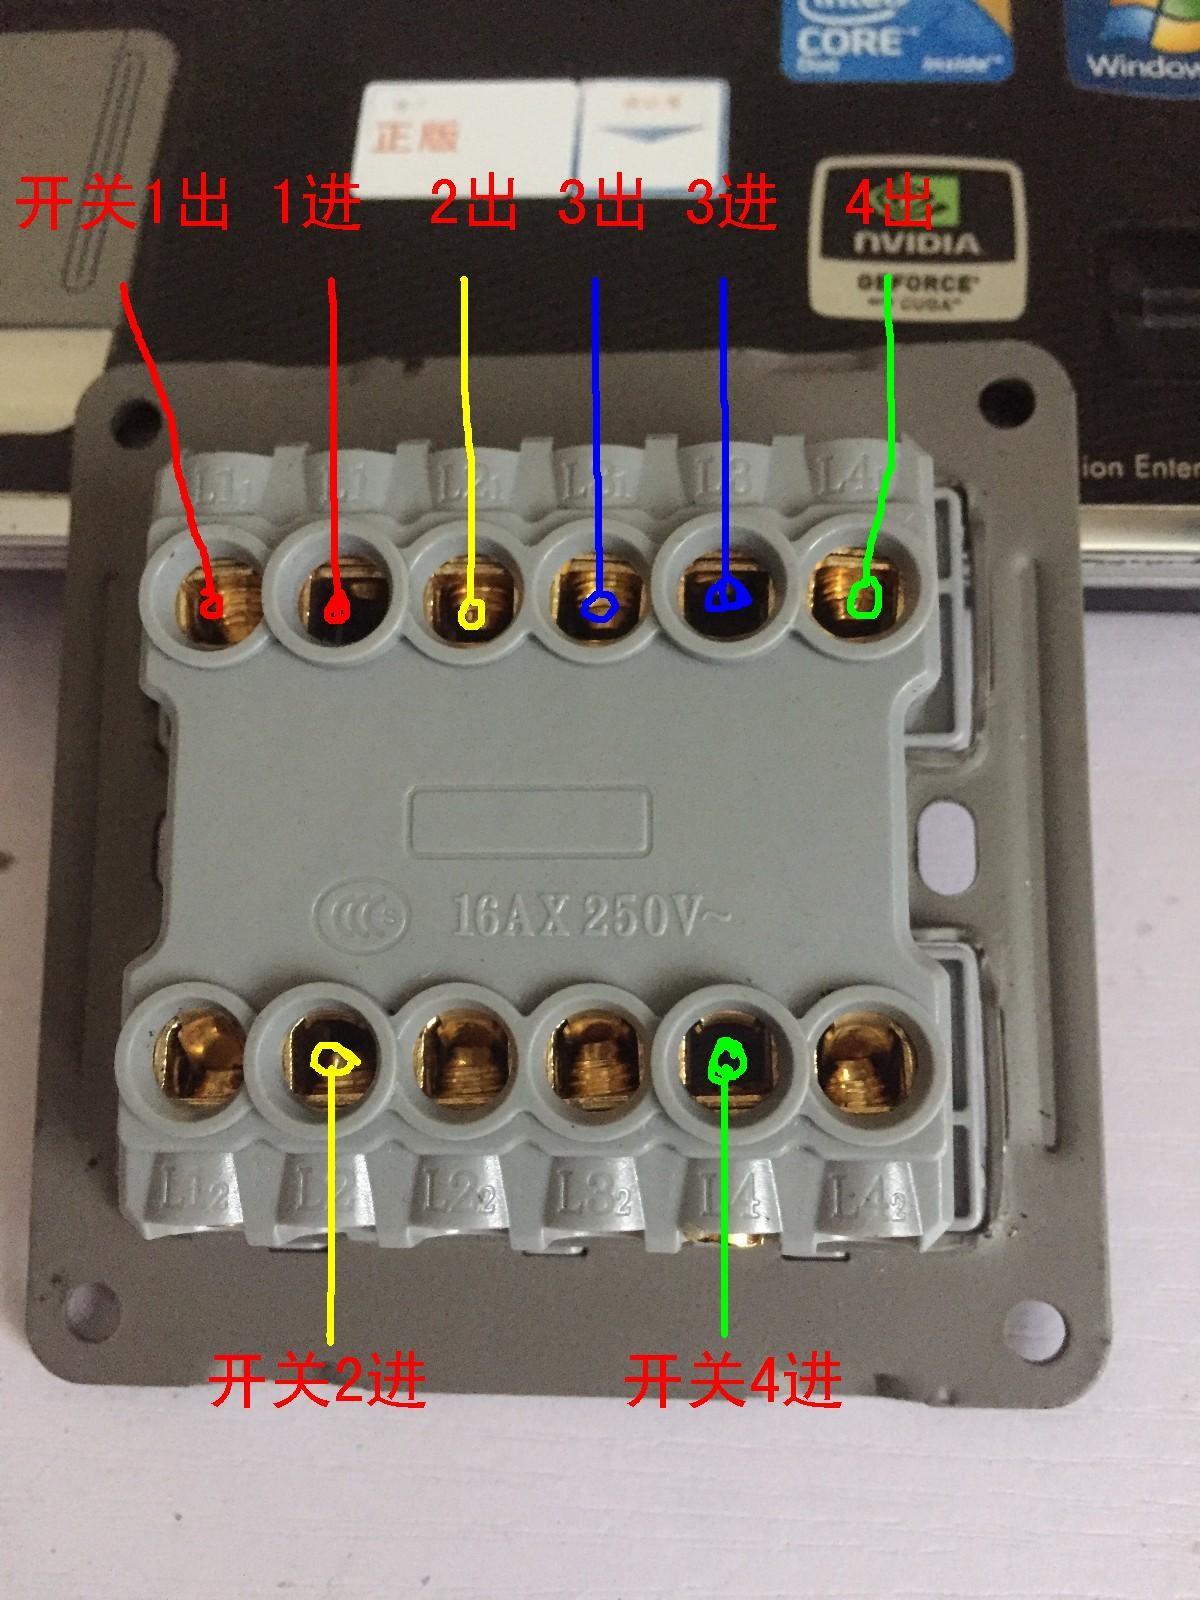 四开双控开关接线方法如下:1,开关接线端子标有l1,l2,l3 ,l4的孔